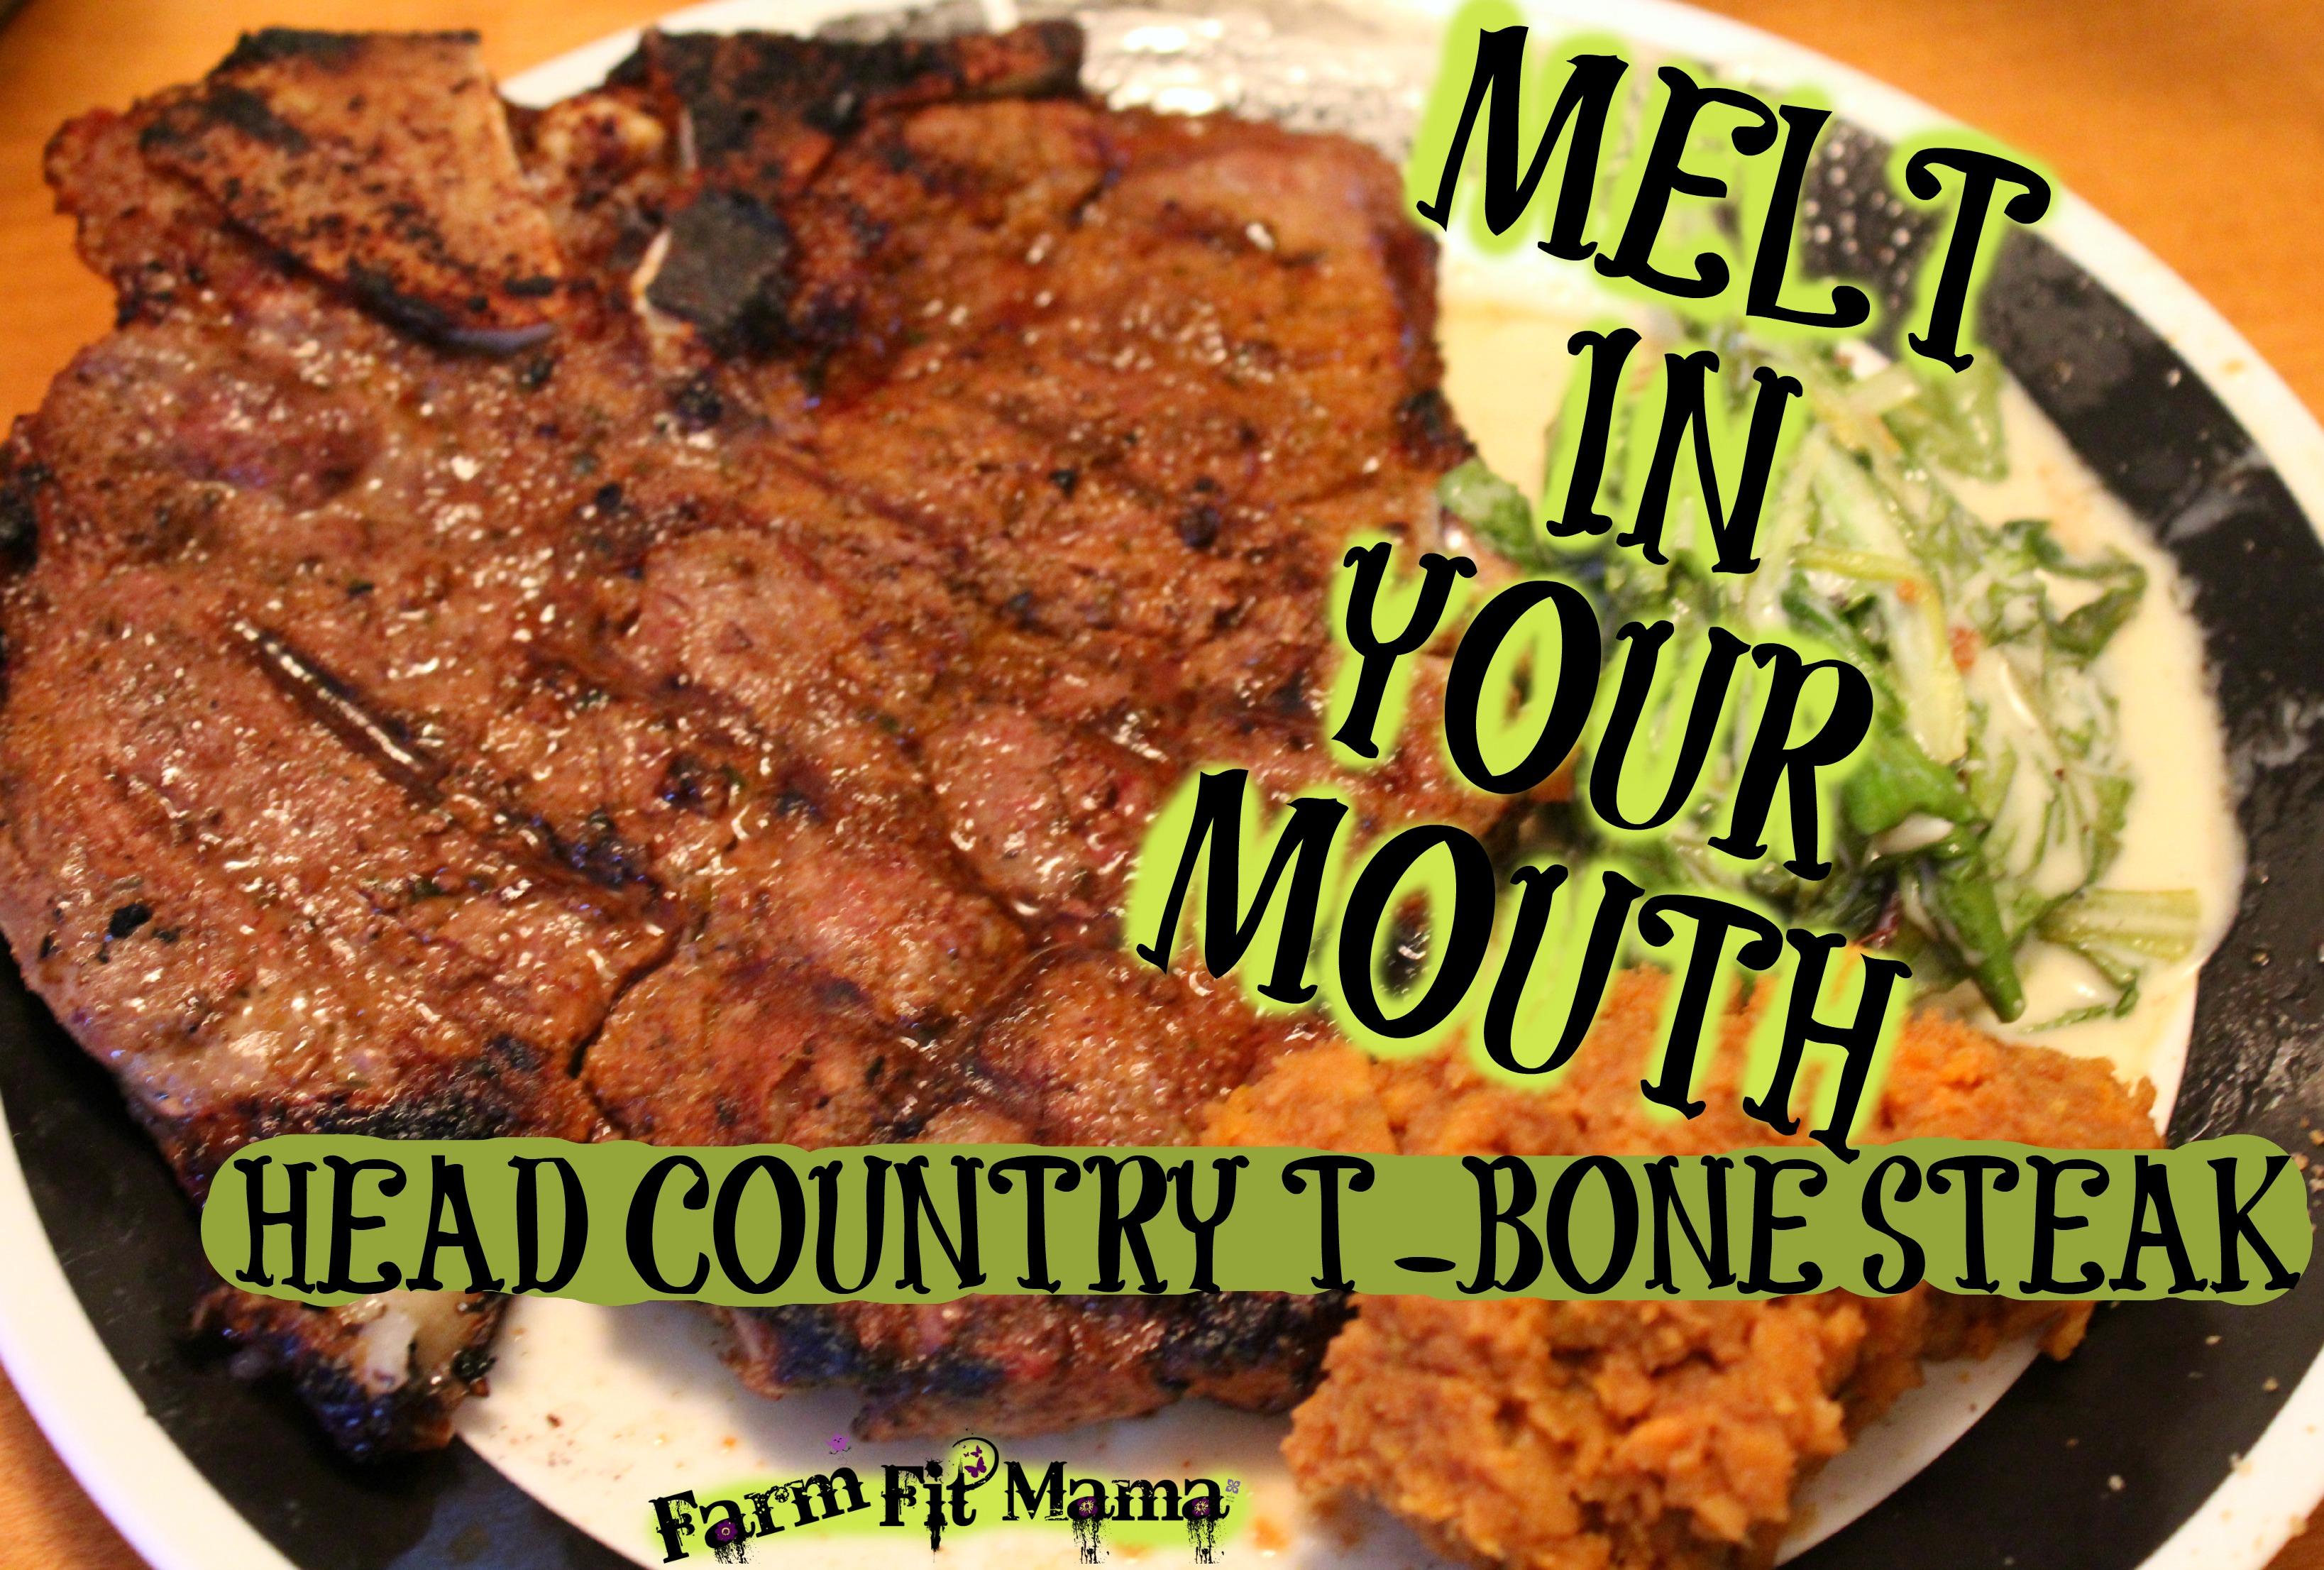 Head Country T-Bone Steaks